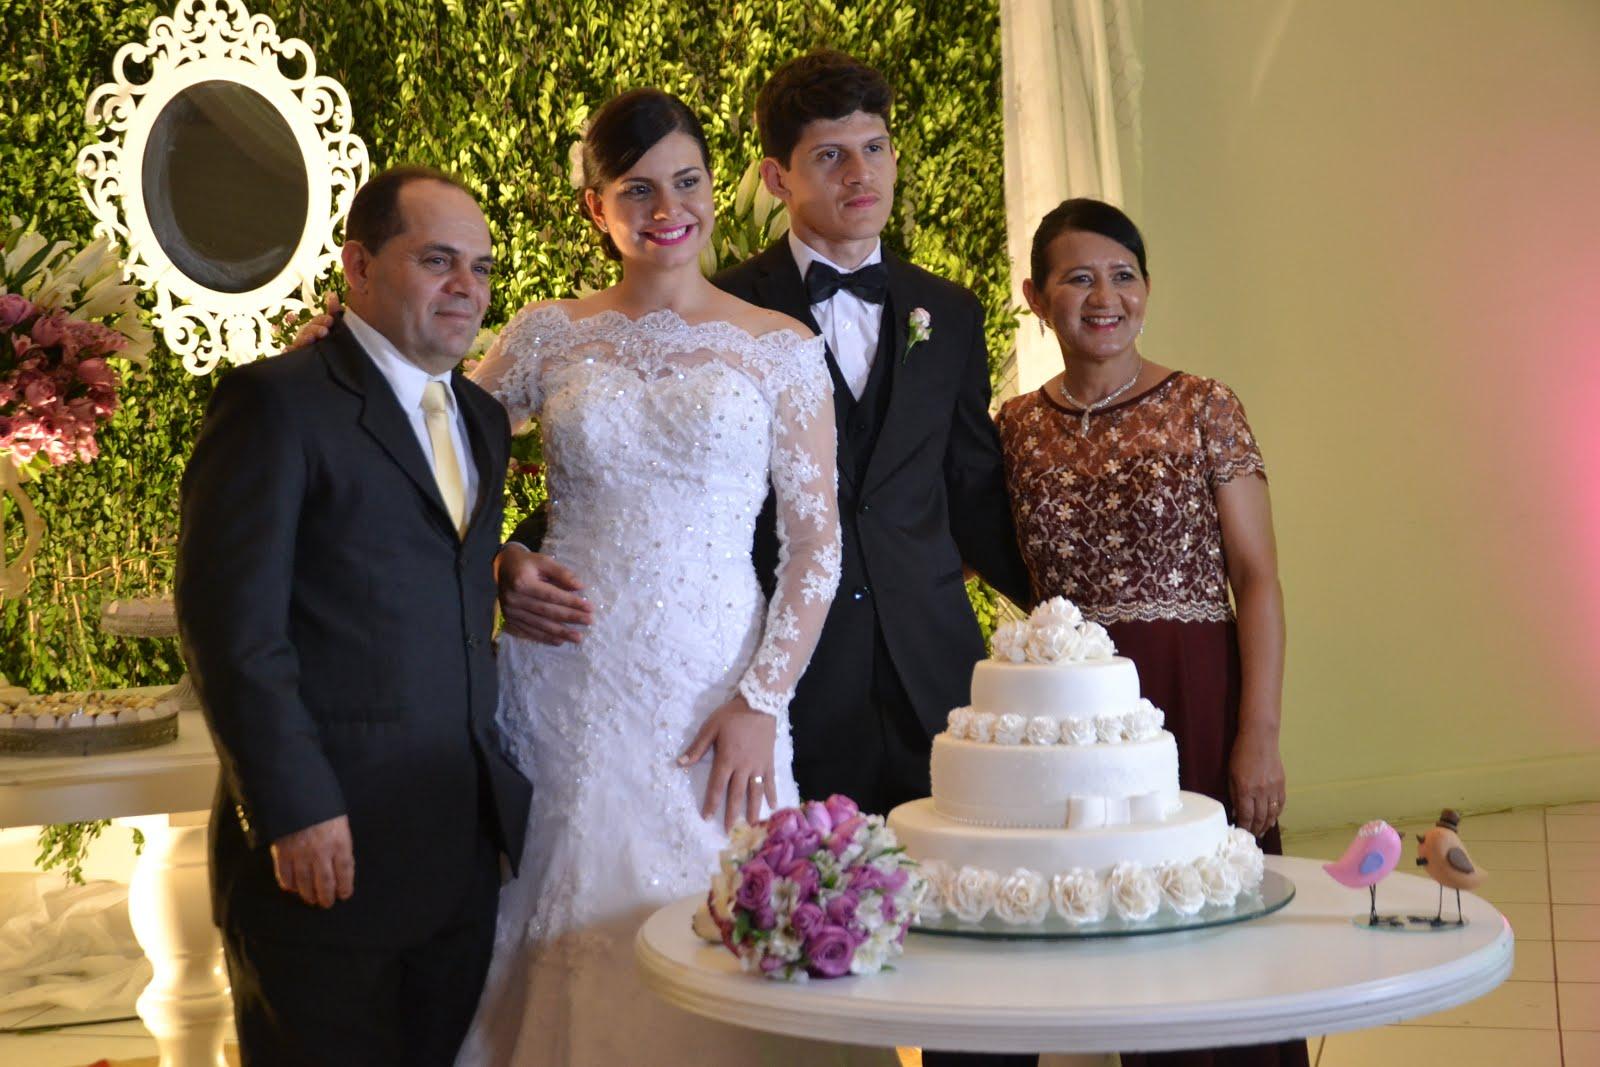 Eu, marido, filho e nora